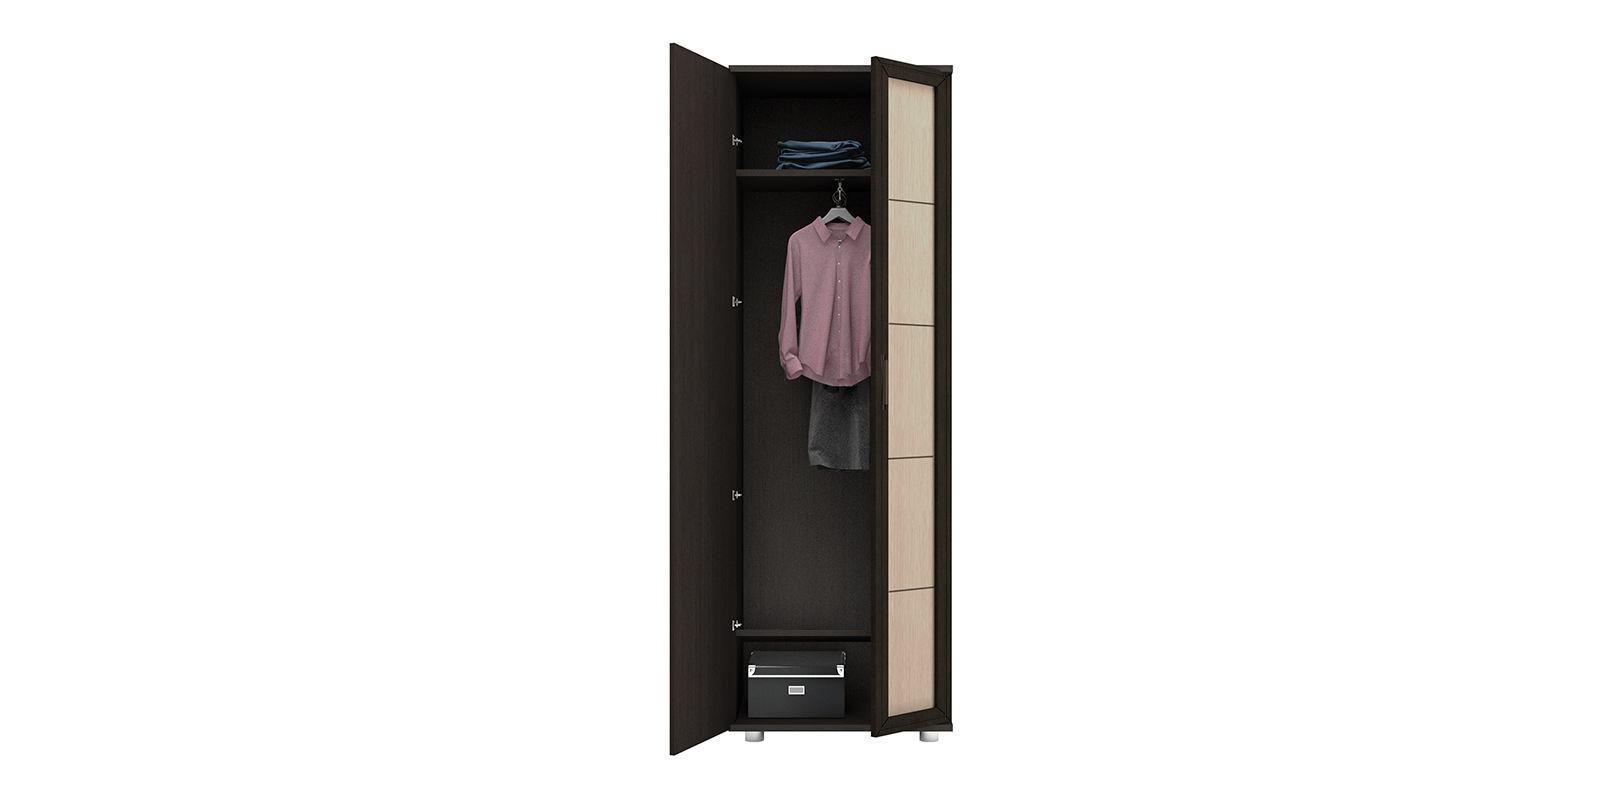 Шкаф распашной двухдверный Лестер (коричневый/бежевый)